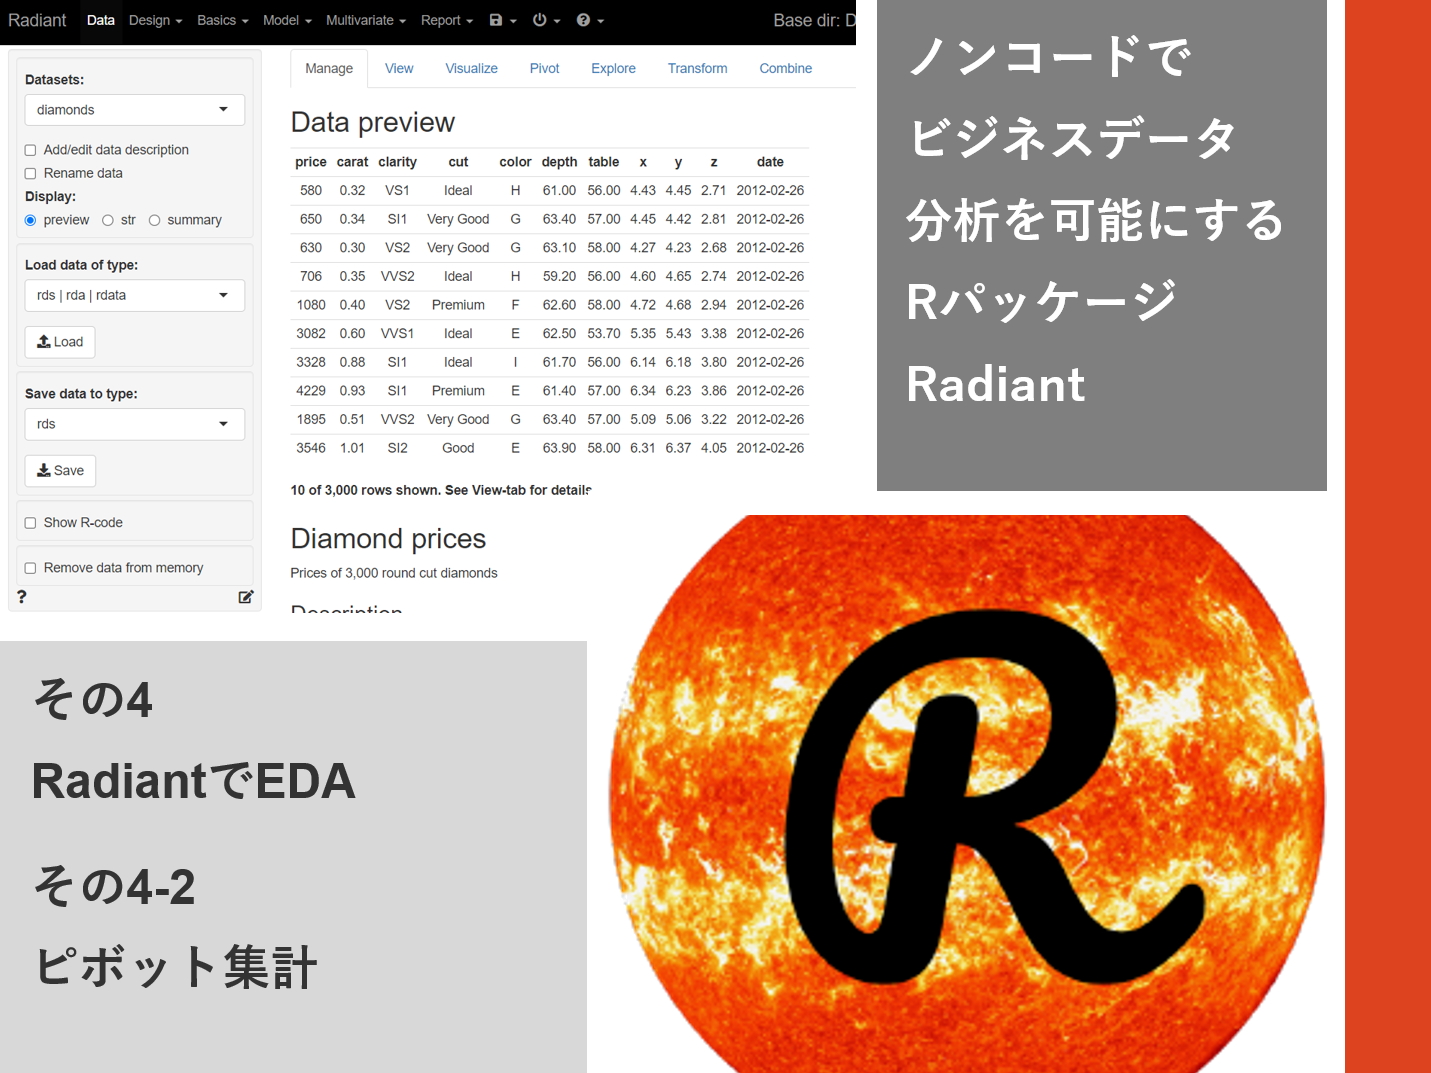 ノンコードでビジネスデータ分析を可能にするRパッケージRadiant<br>その4-2(RadiantでEDA – ピボット集計)